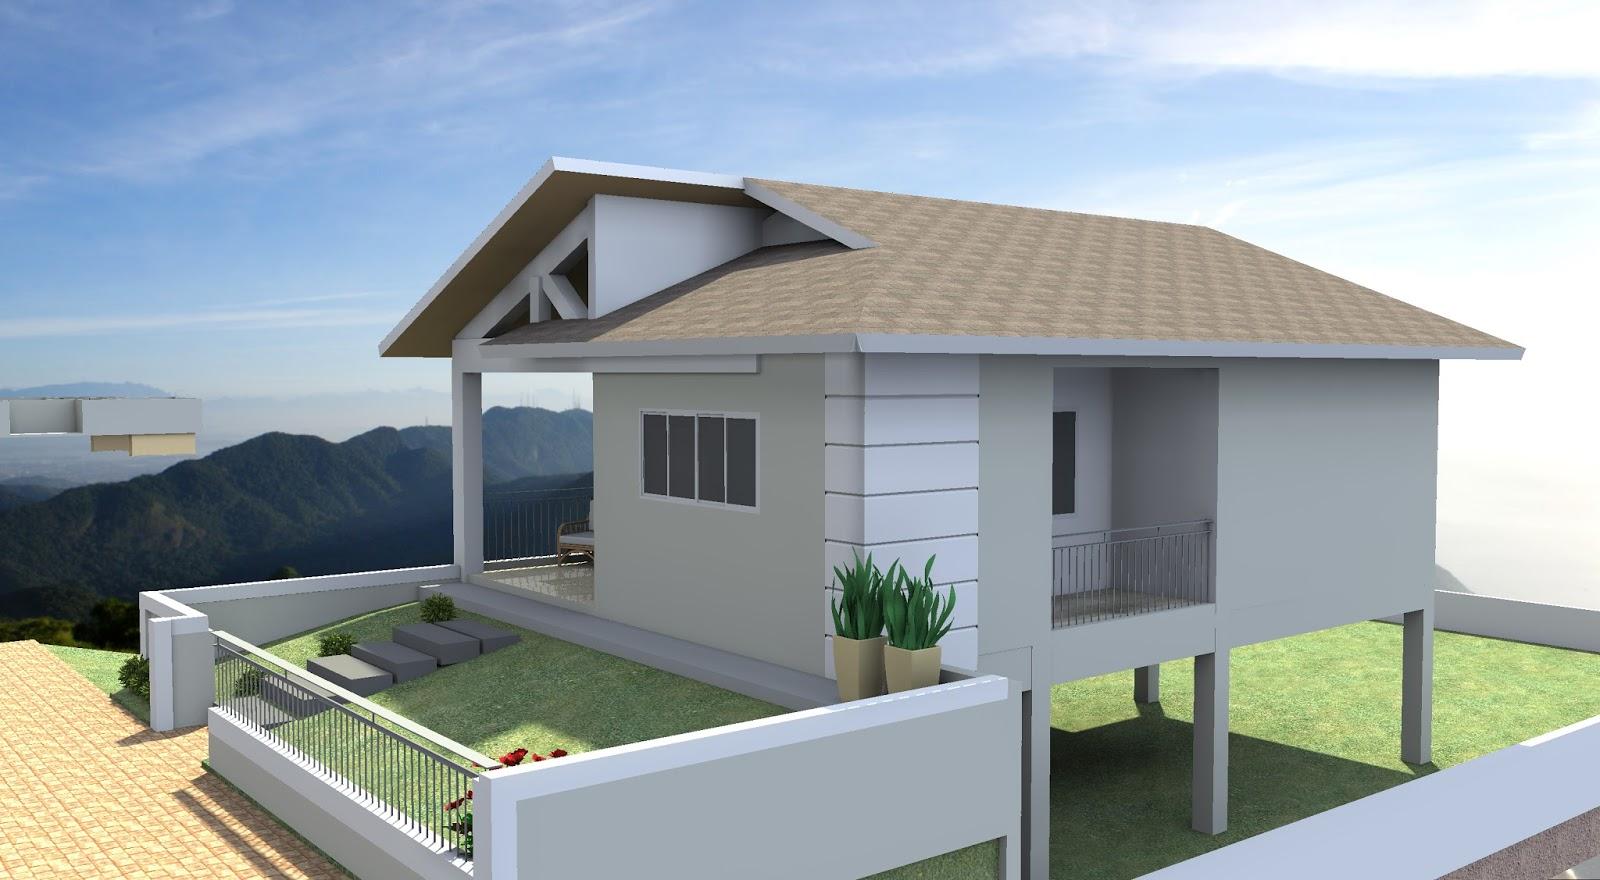 #346097  Urbanismo: Projetos para Minha Casa Minha Vida do Governo Federal 1600x880 px Projeto Cozinha Comunitária Governo Federal_4147 Imagens